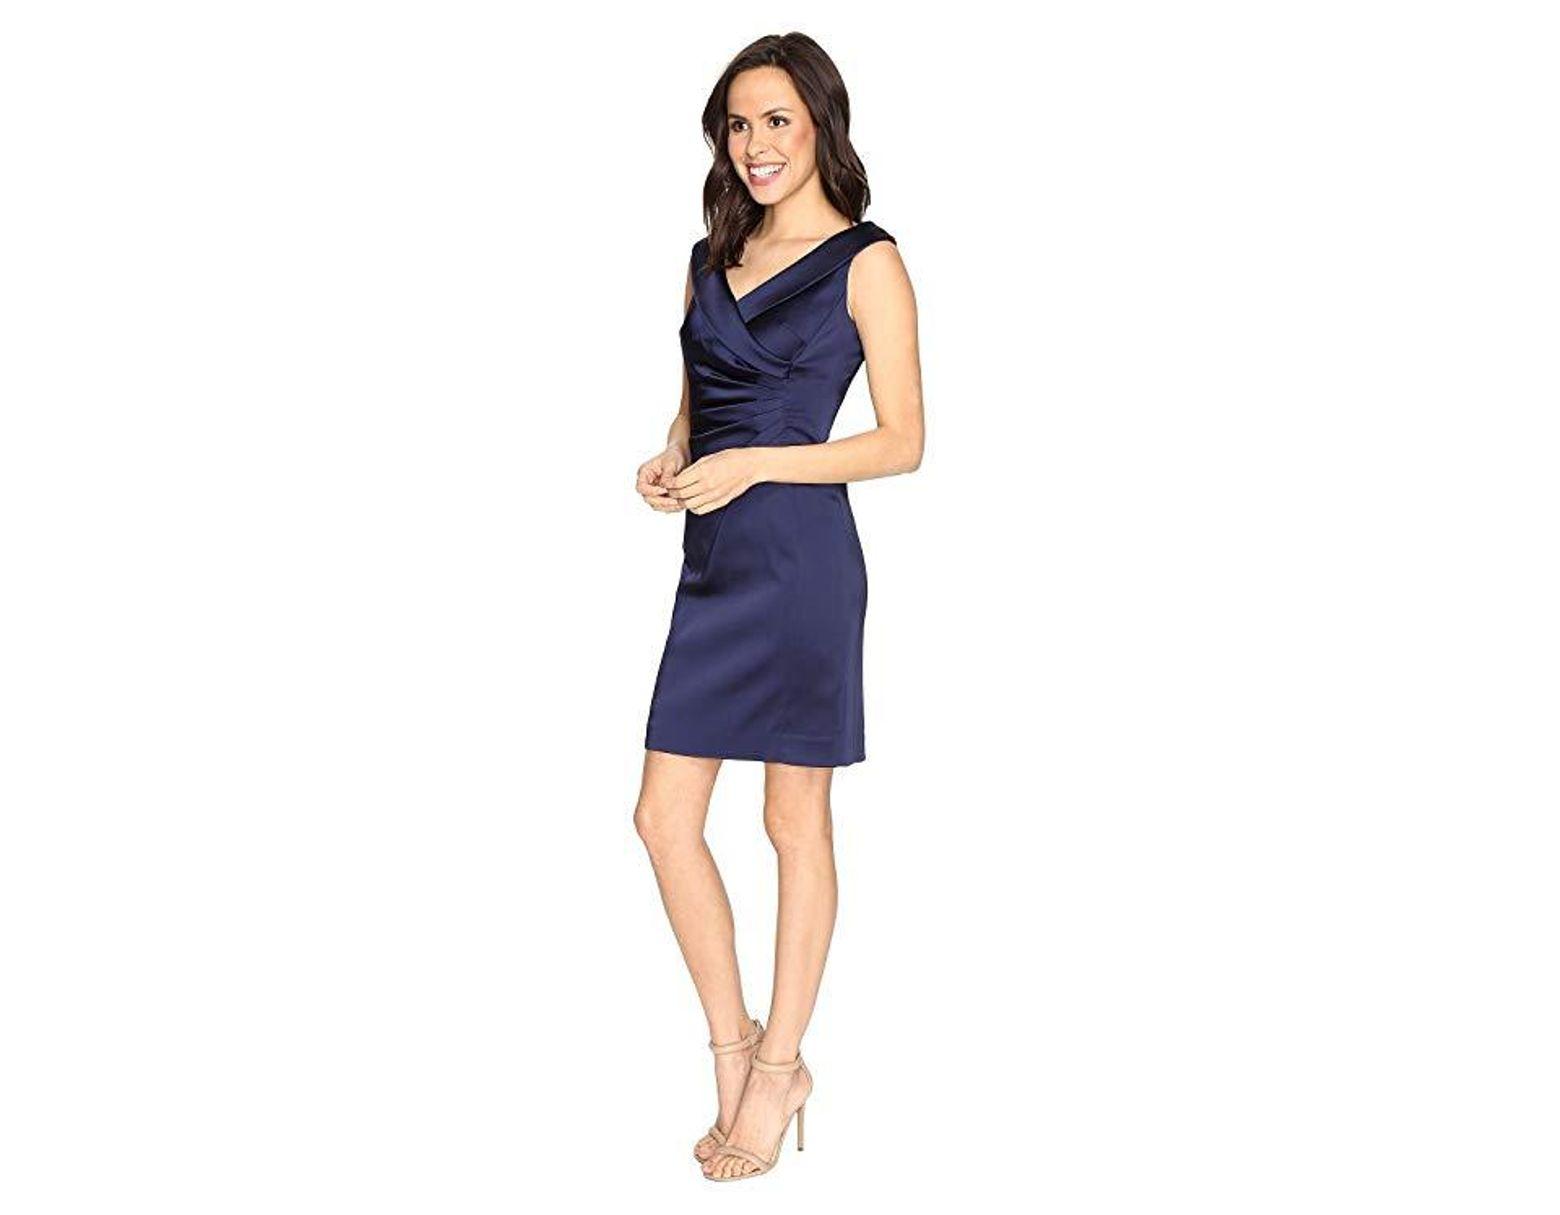 3944dda7f68e Tahari Stretch Satin Sheath Dress With Side Ruche (navy) Dress in Blue -  Save 59% - Lyst